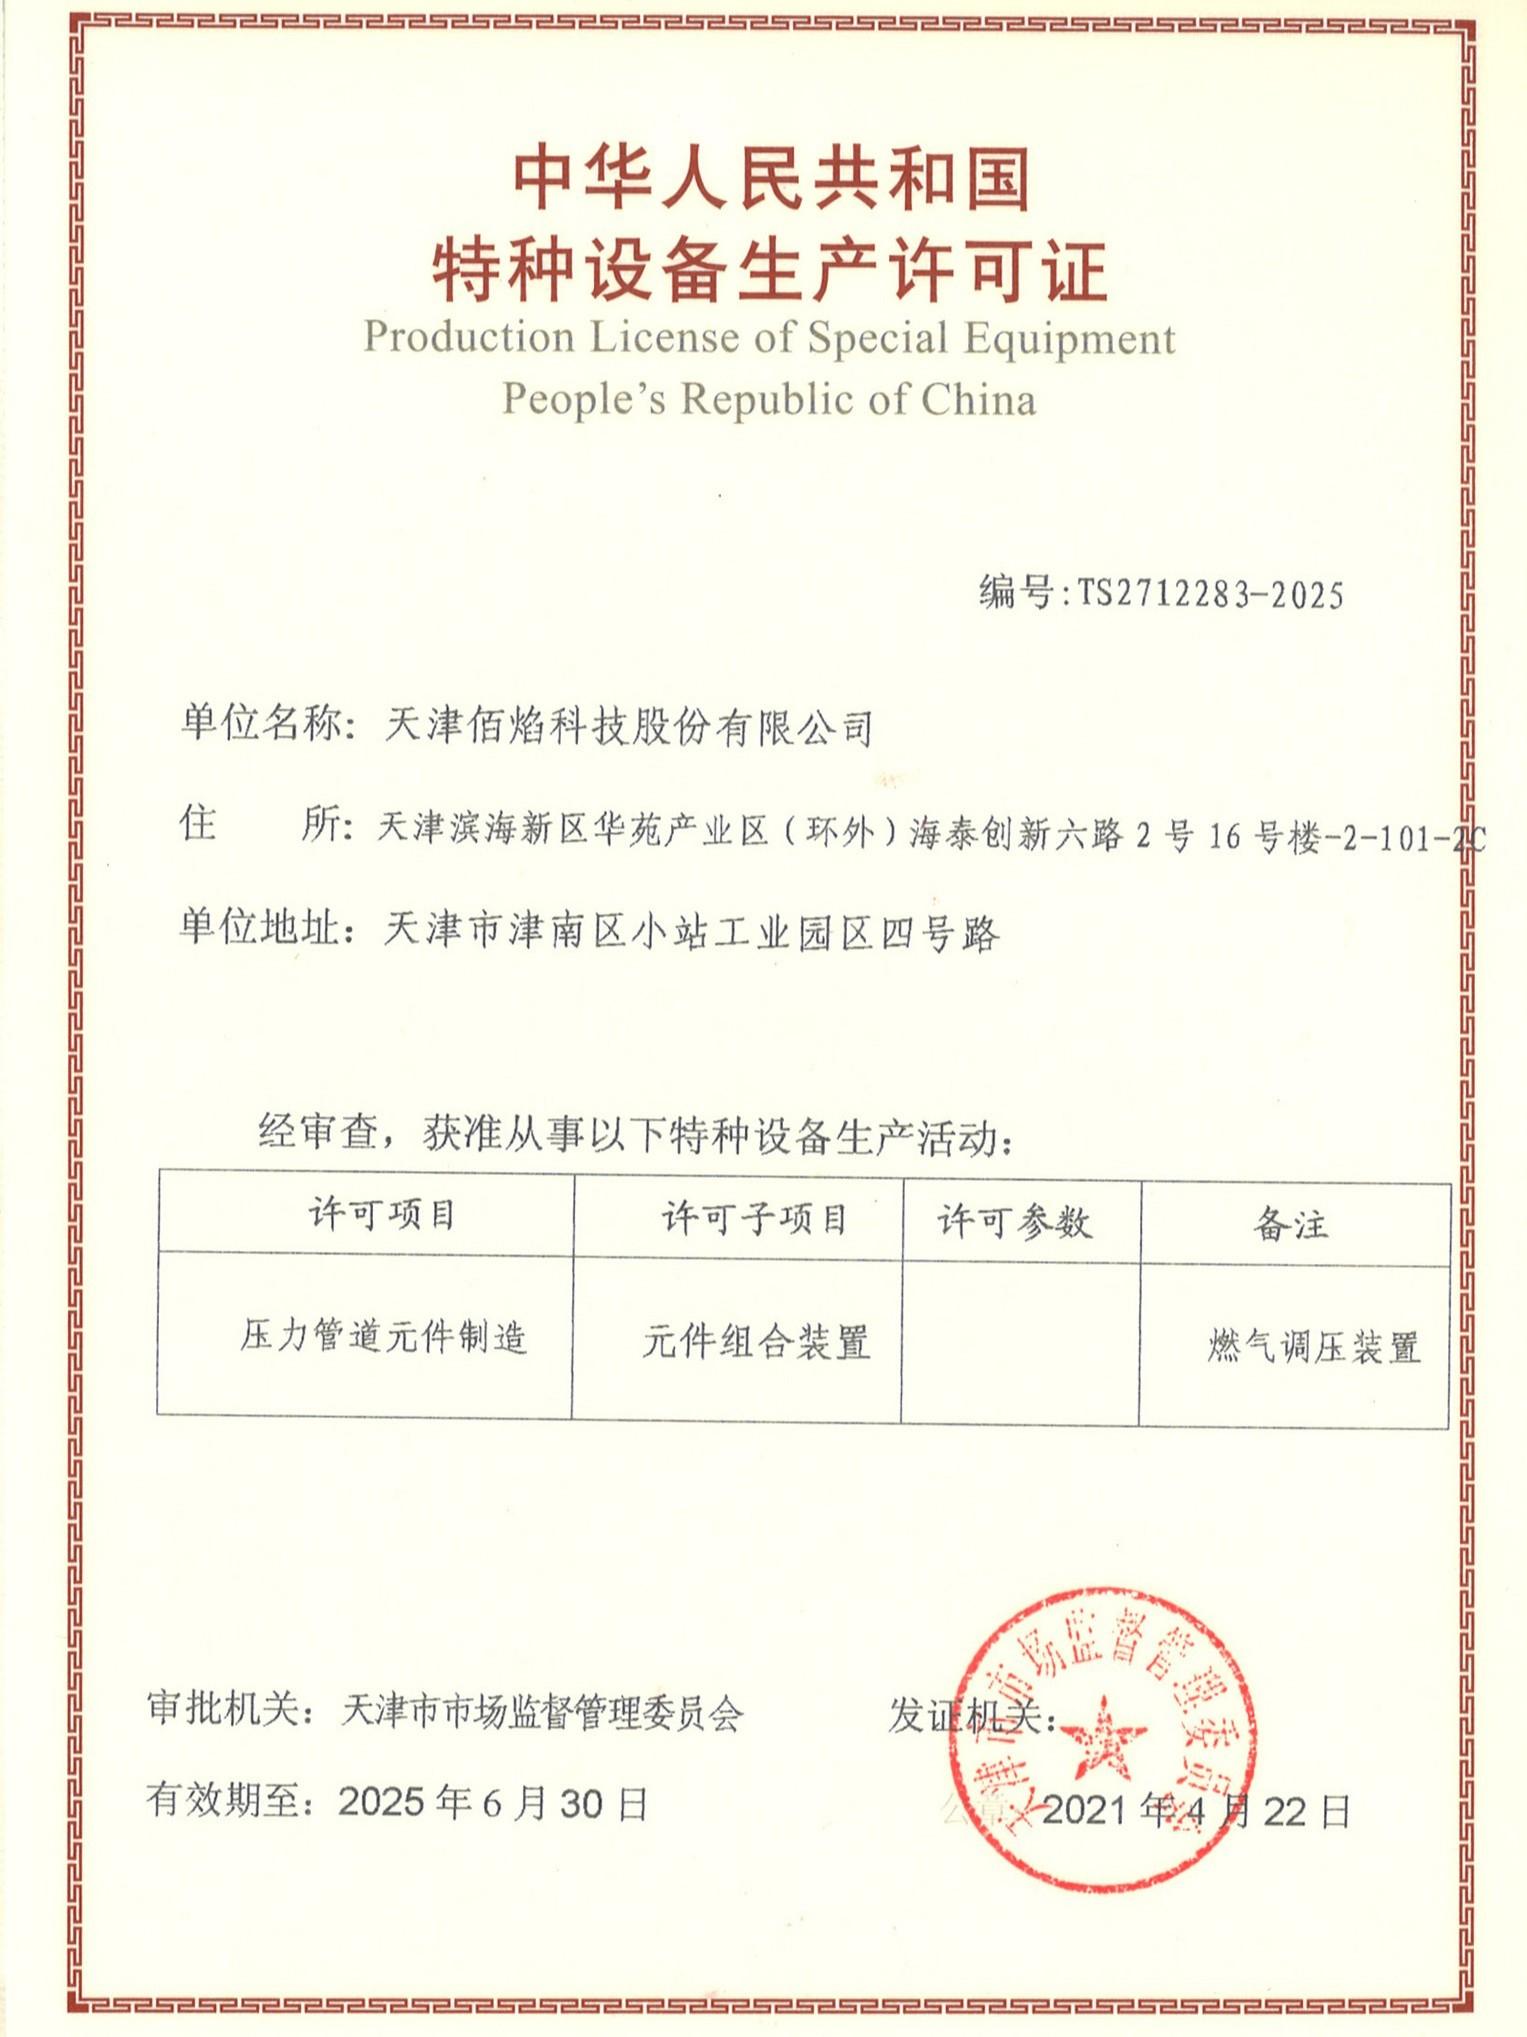 佰焰科技压力管道元件制造许可证